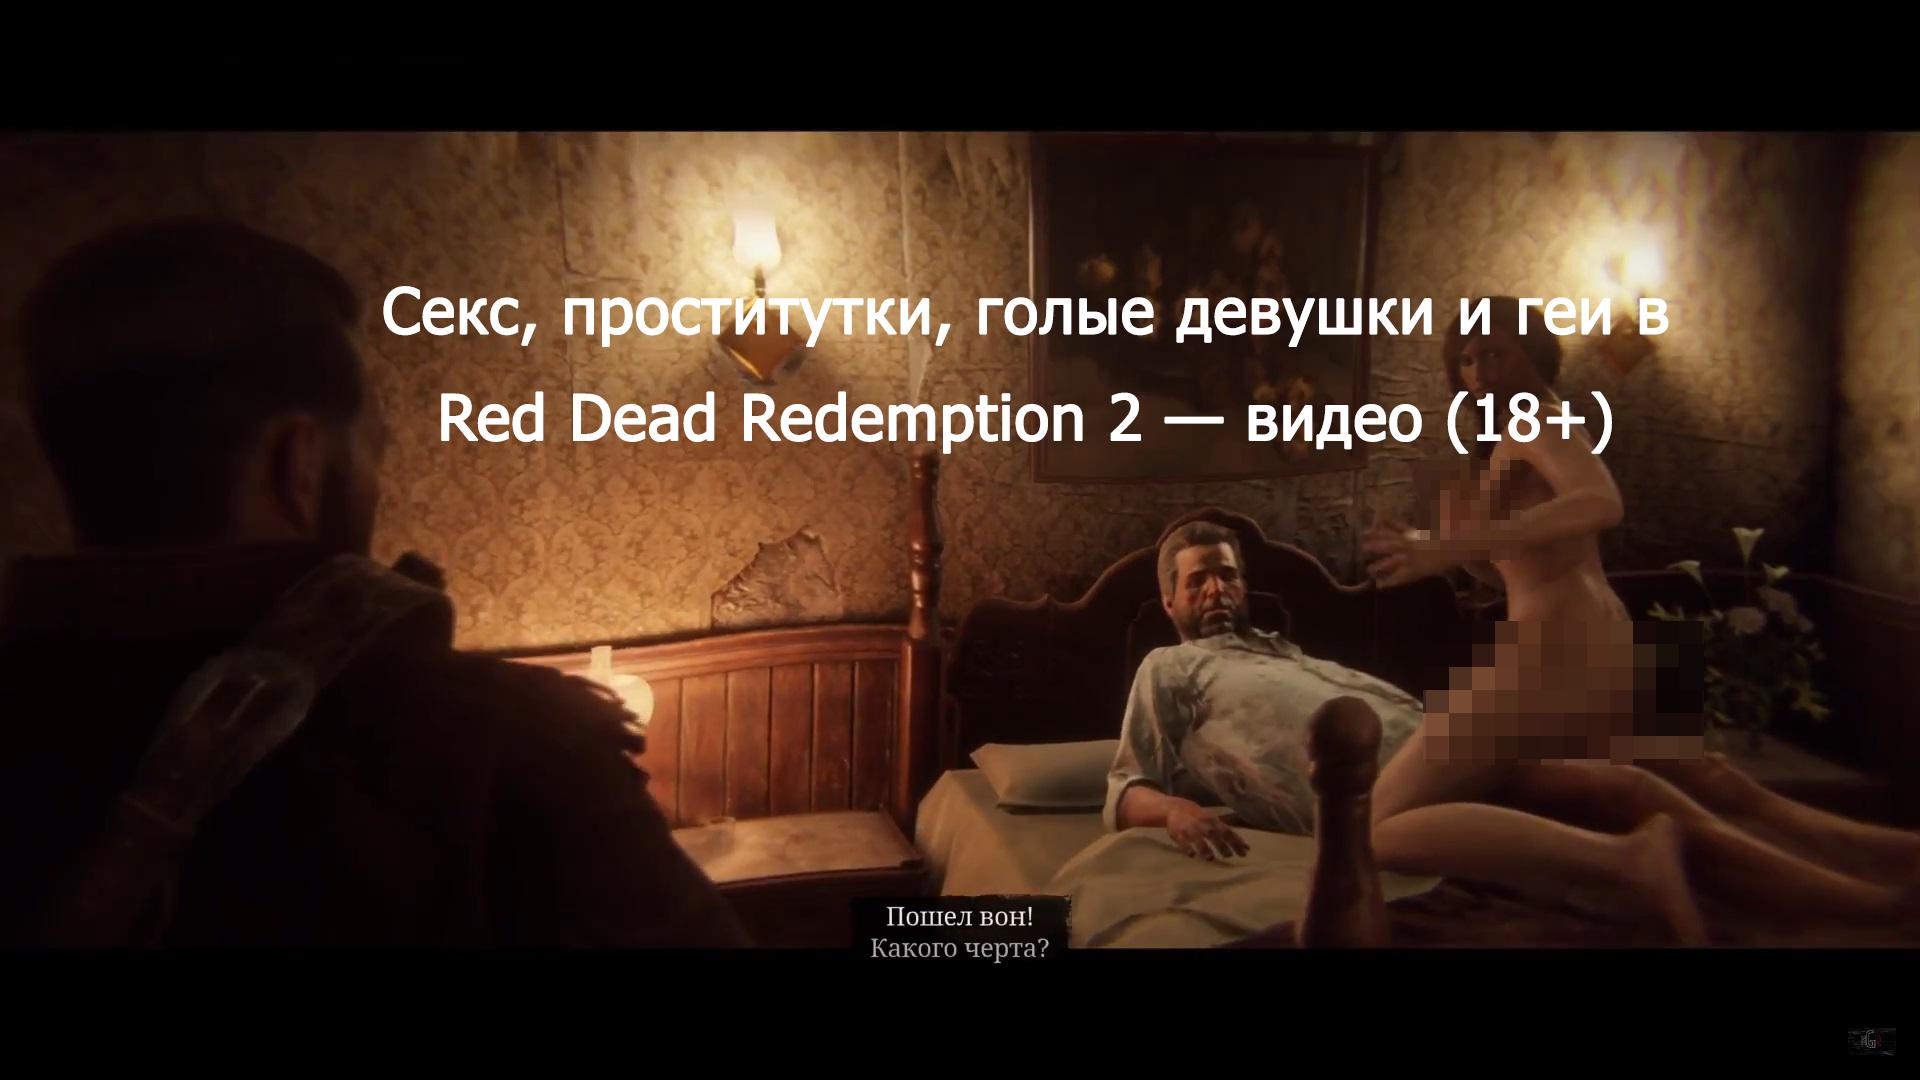 Секс, проститутки, голые девушки и геи в Red Dead Redemption 2 — видео (18+)